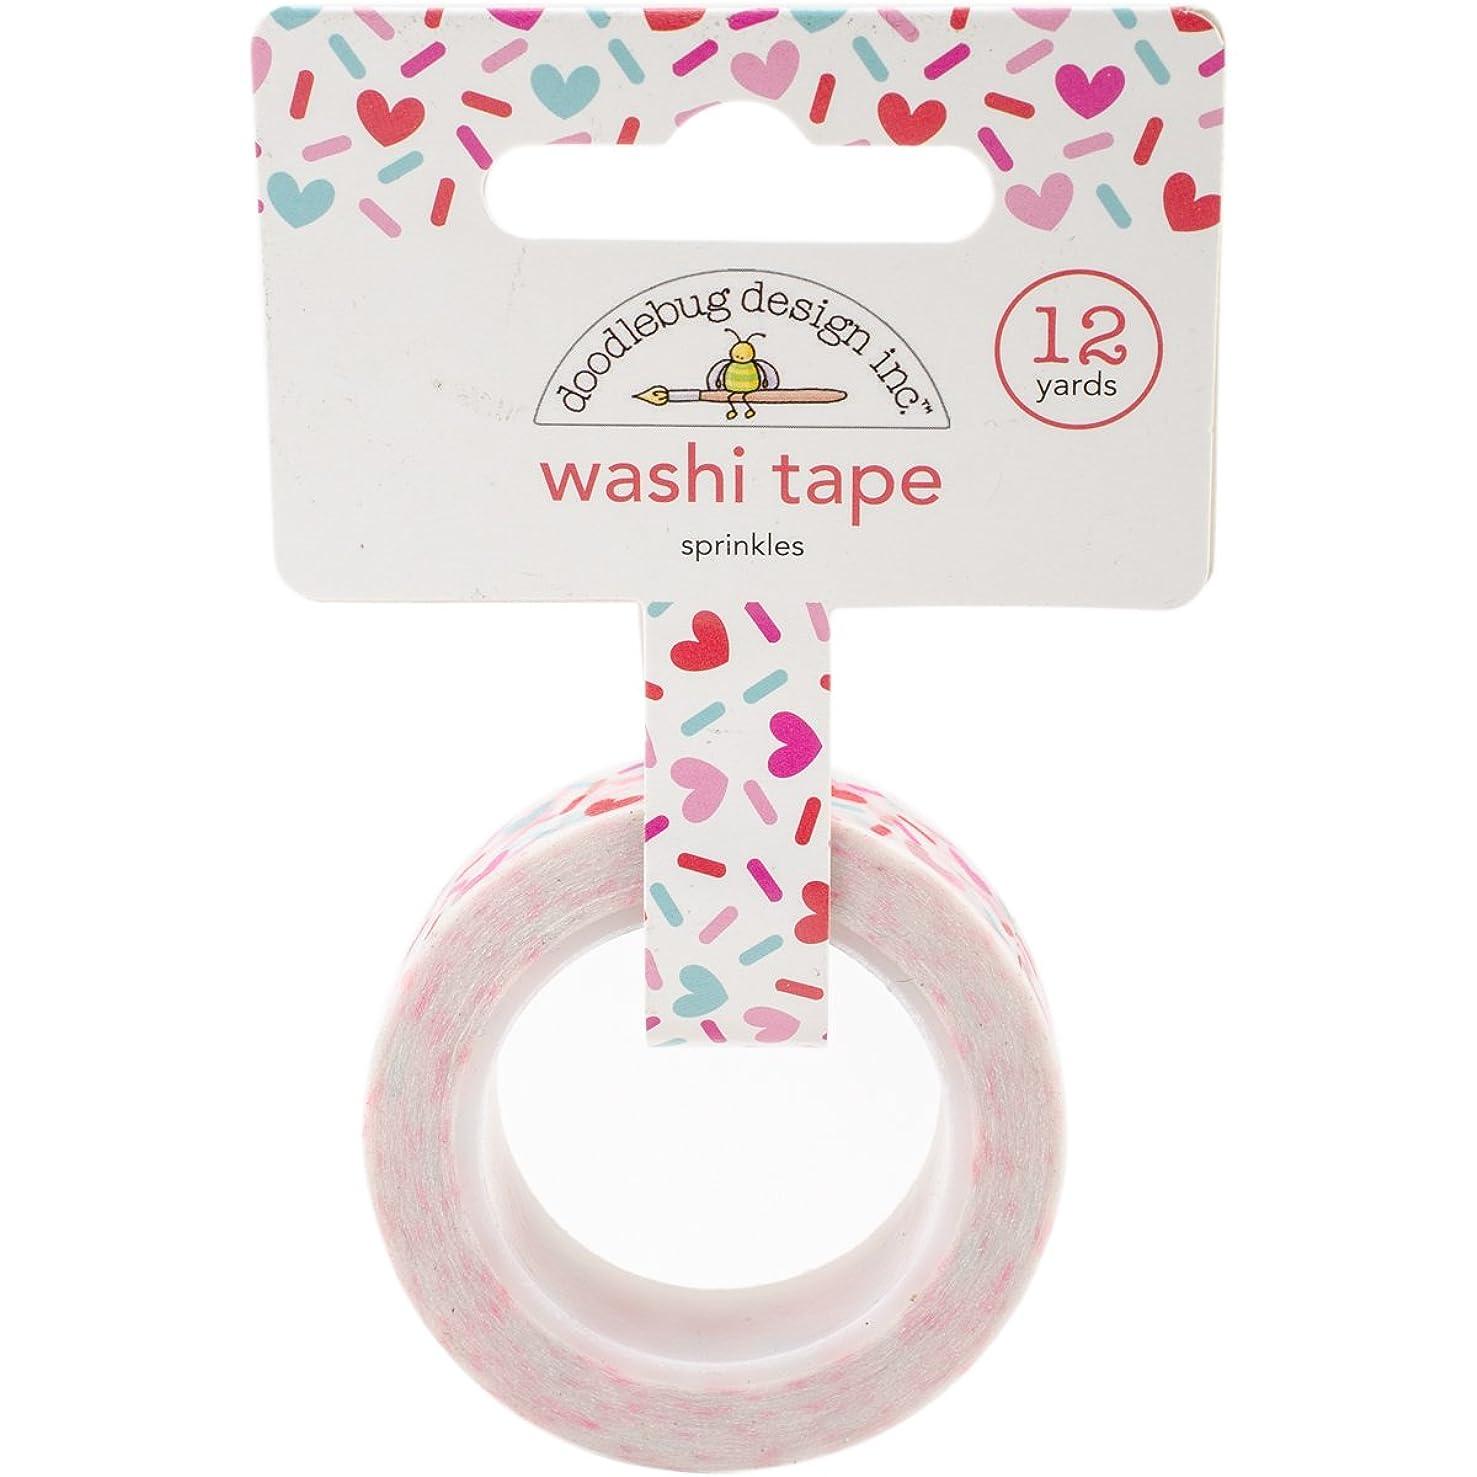 Doodlebug Designs Sprinkles Washi Tape